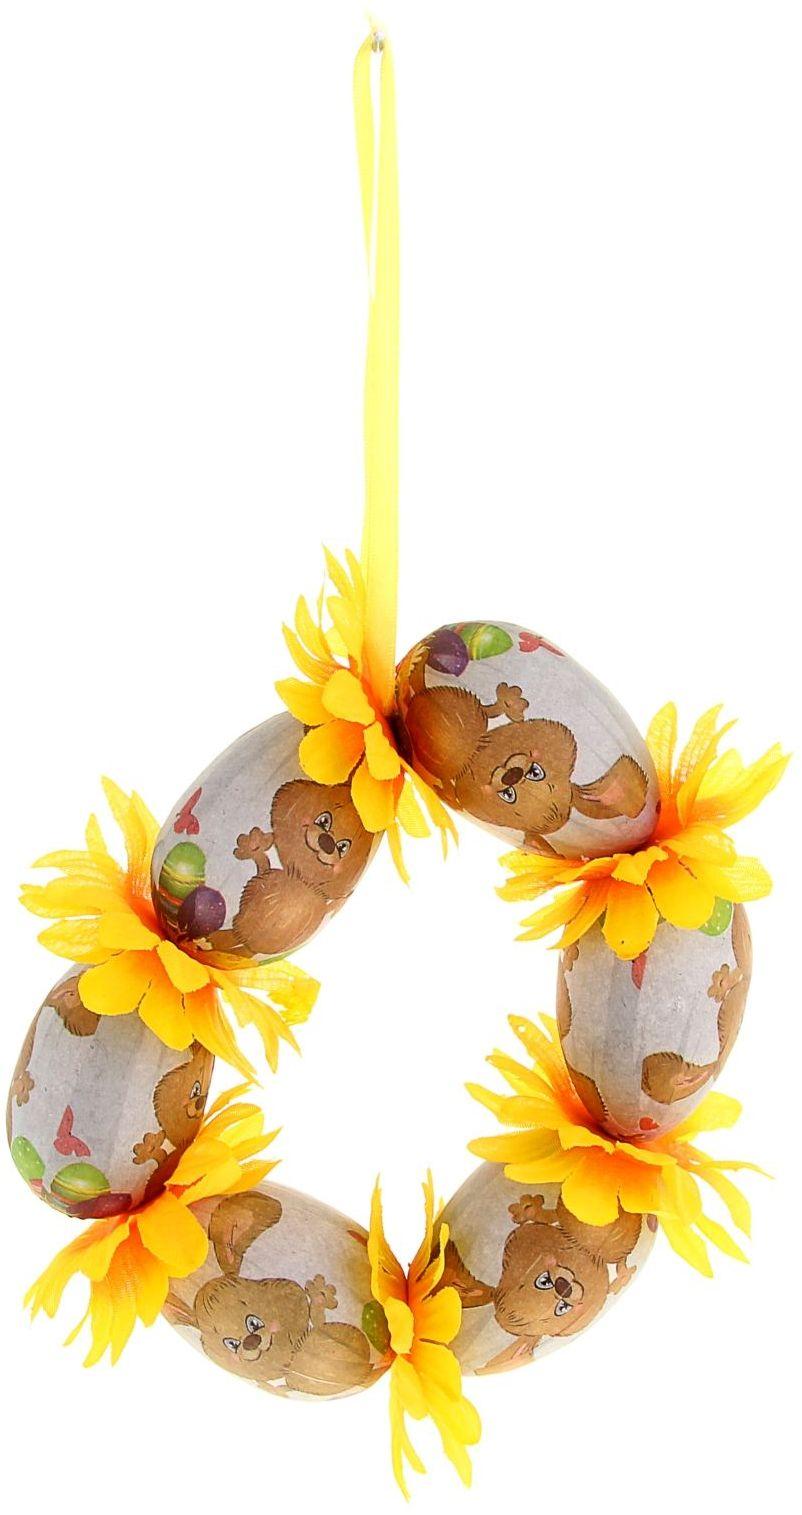 Панно пасхальное Sima-land Пасхальный кролик, диаметр 14 смUP210DFПасха – весенний праздник, в это время года природа пробуждается после долгой спячки и поражает своим великолепием и красками. Такой пейзаж способен украсить этот светлый день. А сейчас подумайте, если к этому добавить оригинальный пасхальный декор, то обстановка становится по-настоящему праздничная.Сувенир - пасхальное панно Пасхальный кролик - еще один способ преобразить интерьер к светлому празднику Пасха. Подойдёт для украшения квартиры, офиса или магазинчика. Сувенир выполнен из пенопласта и оснащён удобной петелькой. С его помощью для вас открываются сотни вариантов украшения праздничного пространства. Например, благодаря ему вы сможете задекорировать входную дверь или любой другой уголок в квартире.